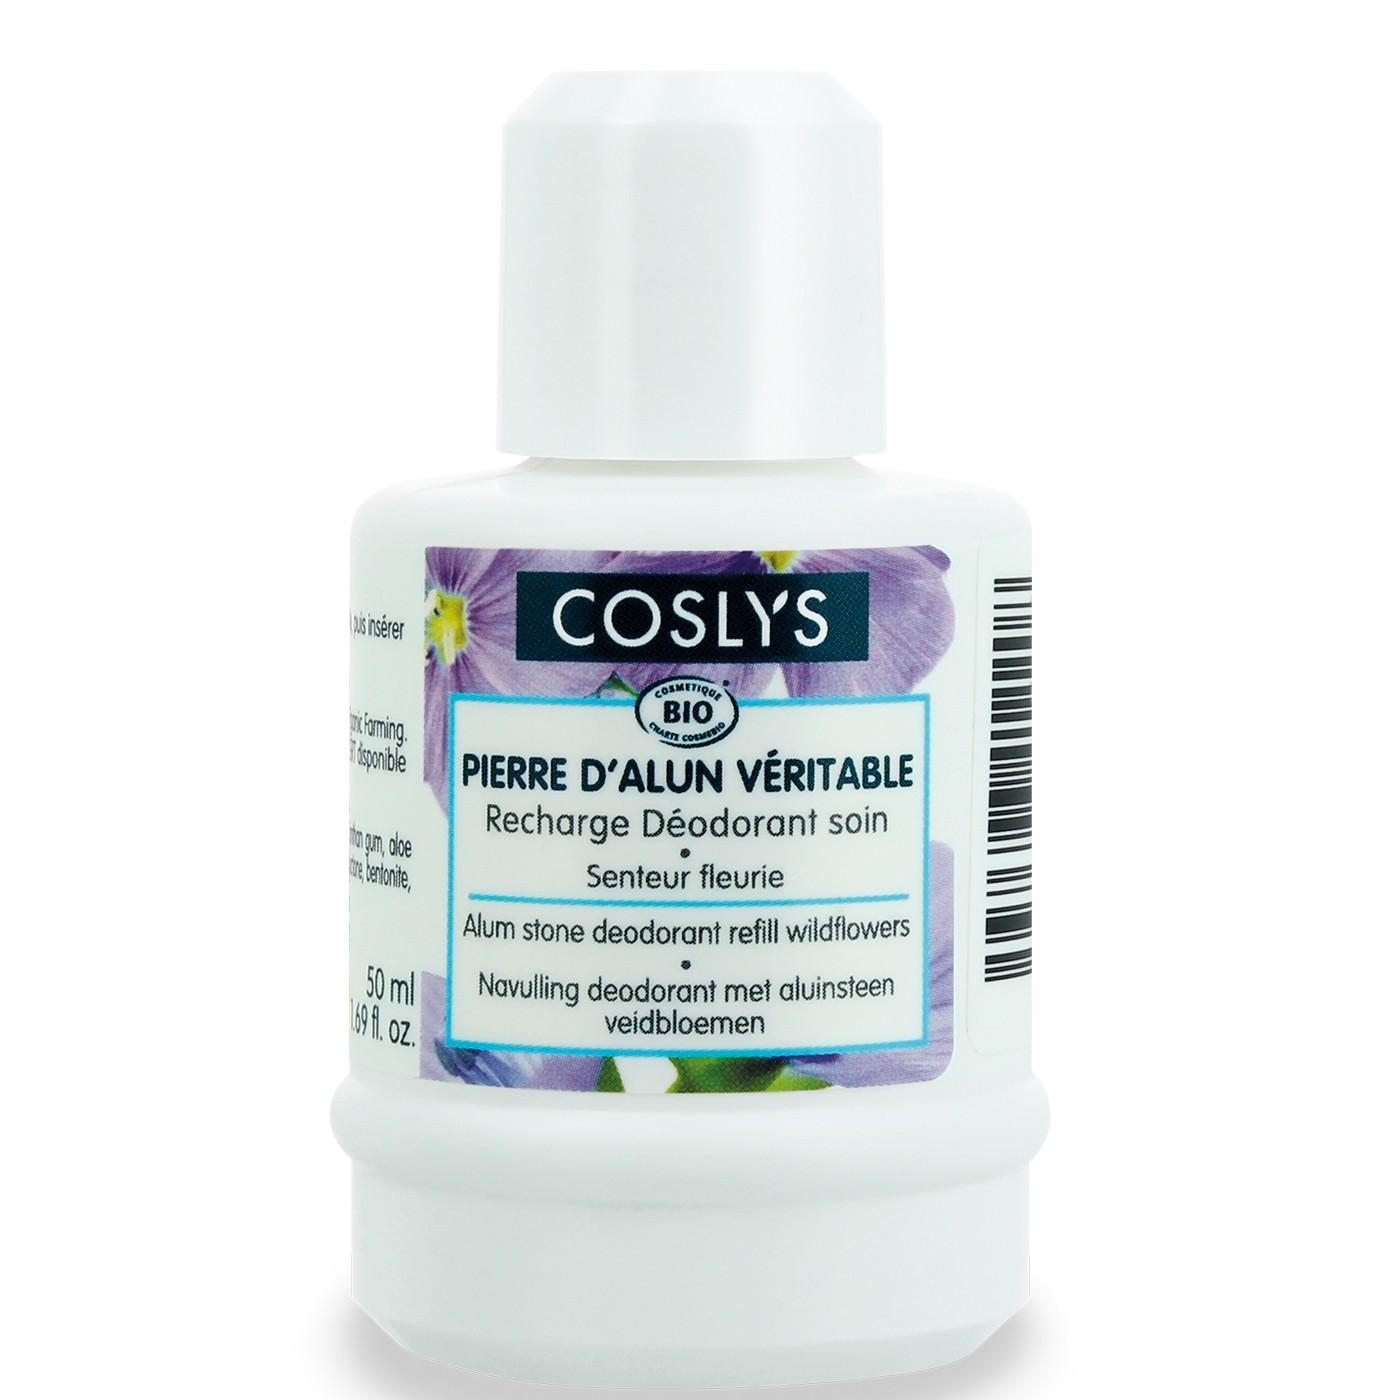 Coslys Recambio Desodorante Flores Silvestres 50ml.